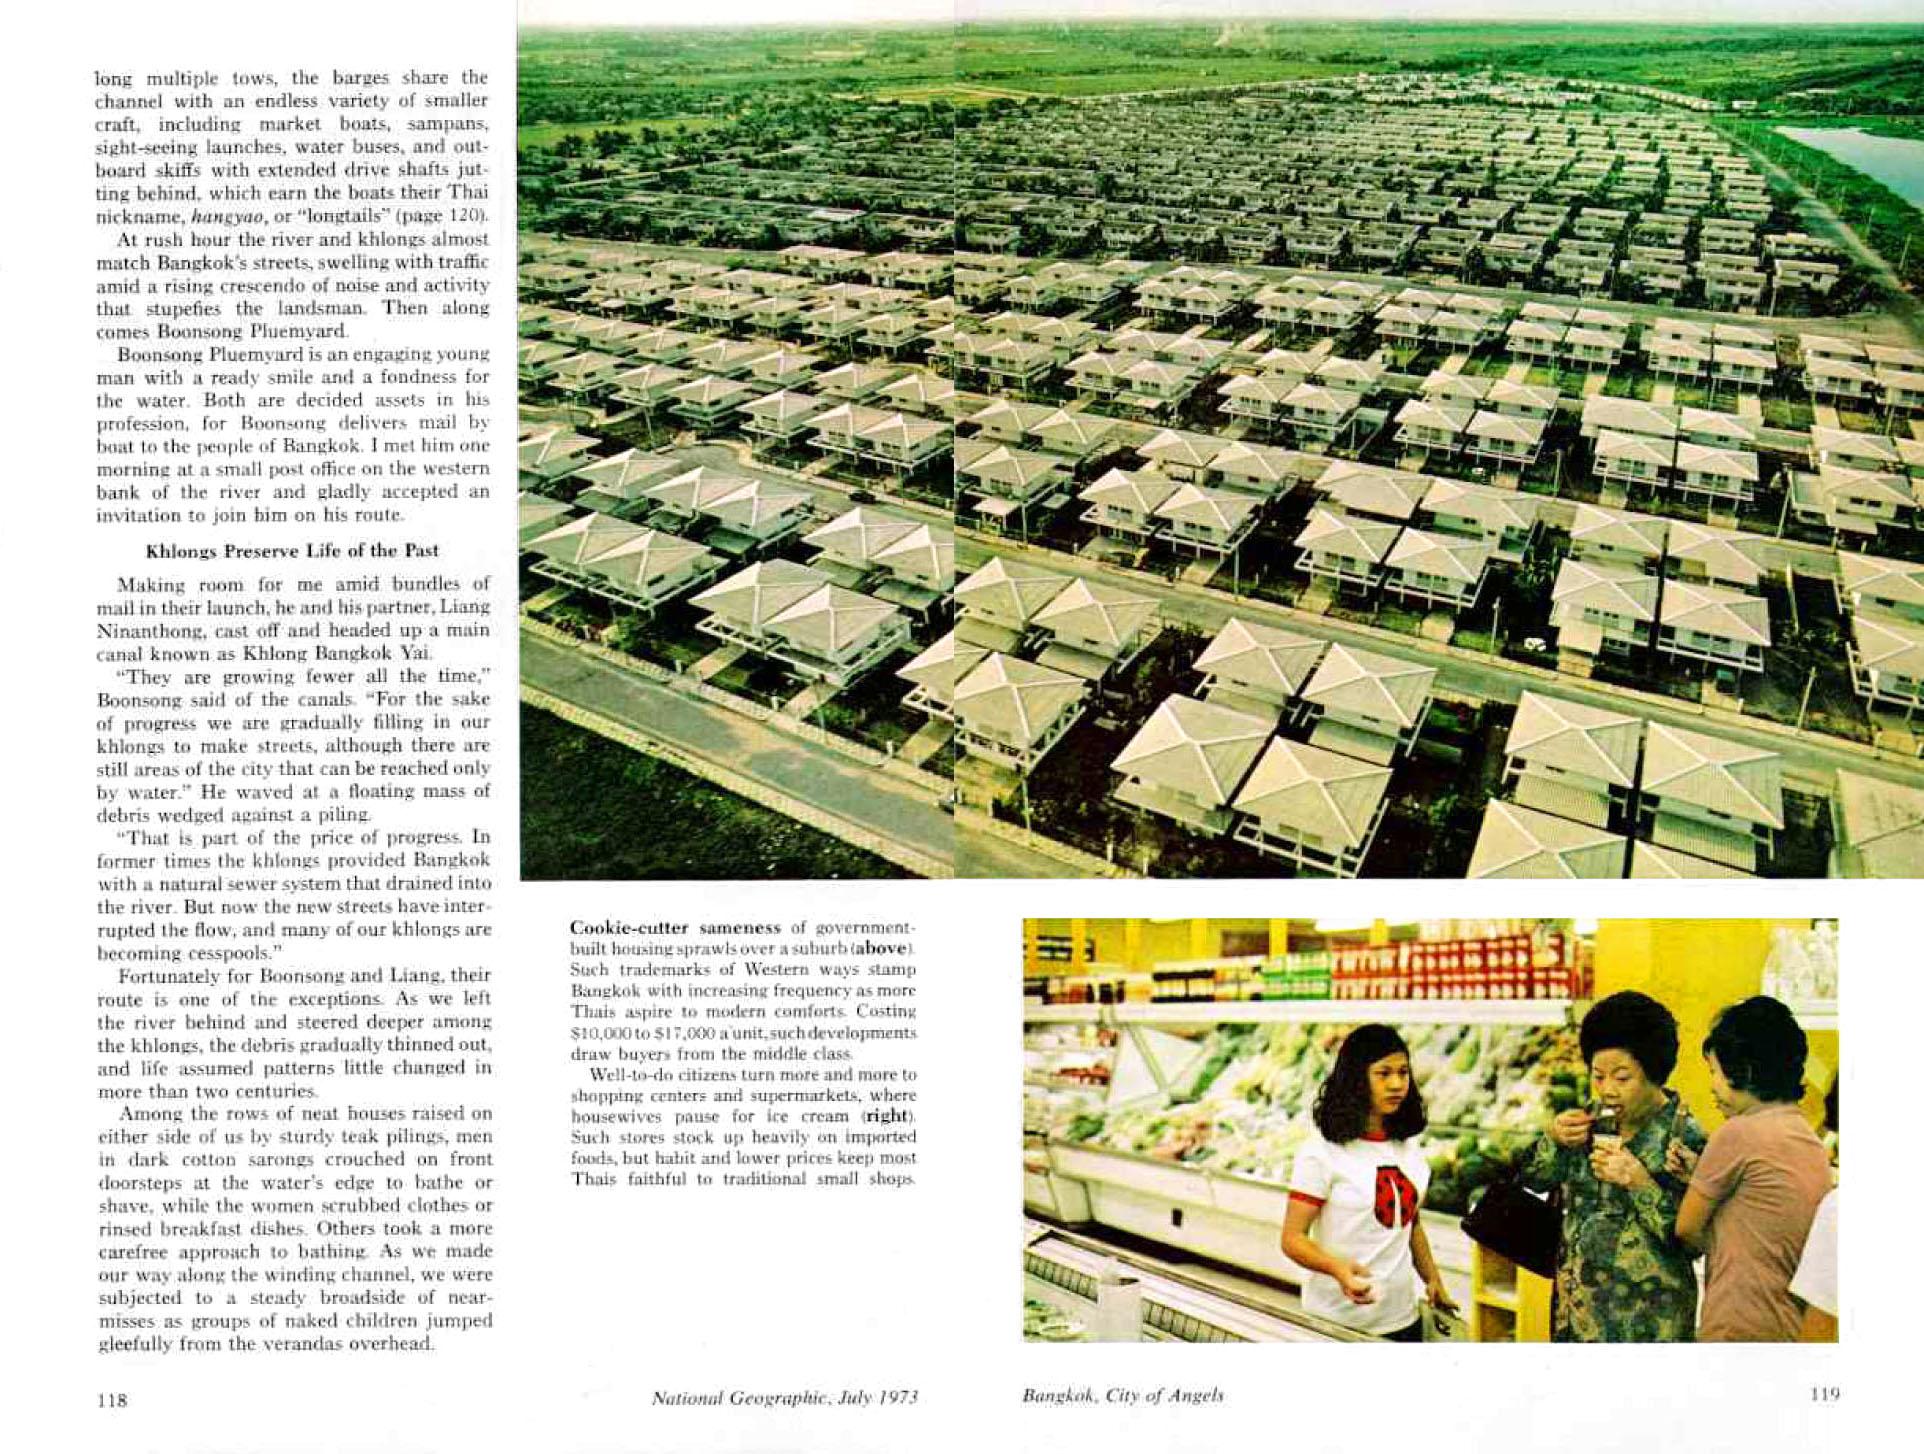 NG 1973-07-12.jpg